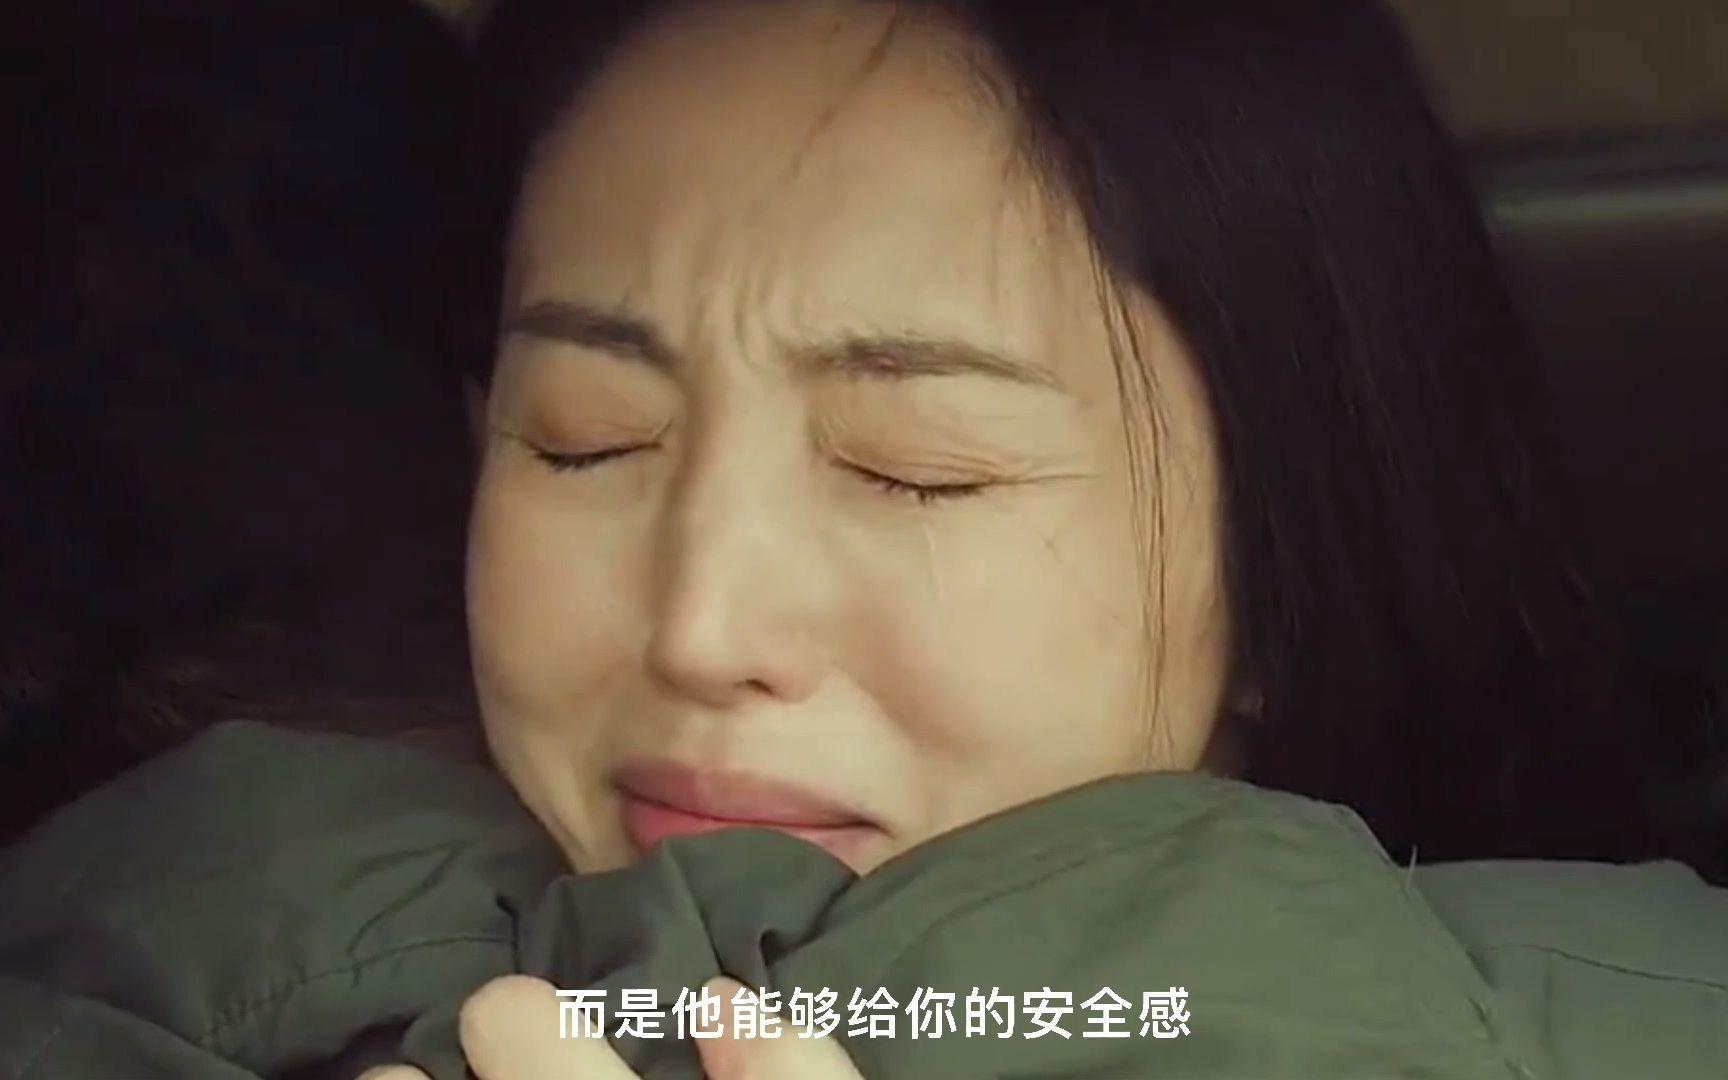 硬汉拳王的妻子被绑架,一人独闯龙潭虎穴,为爱杀出一条血路!